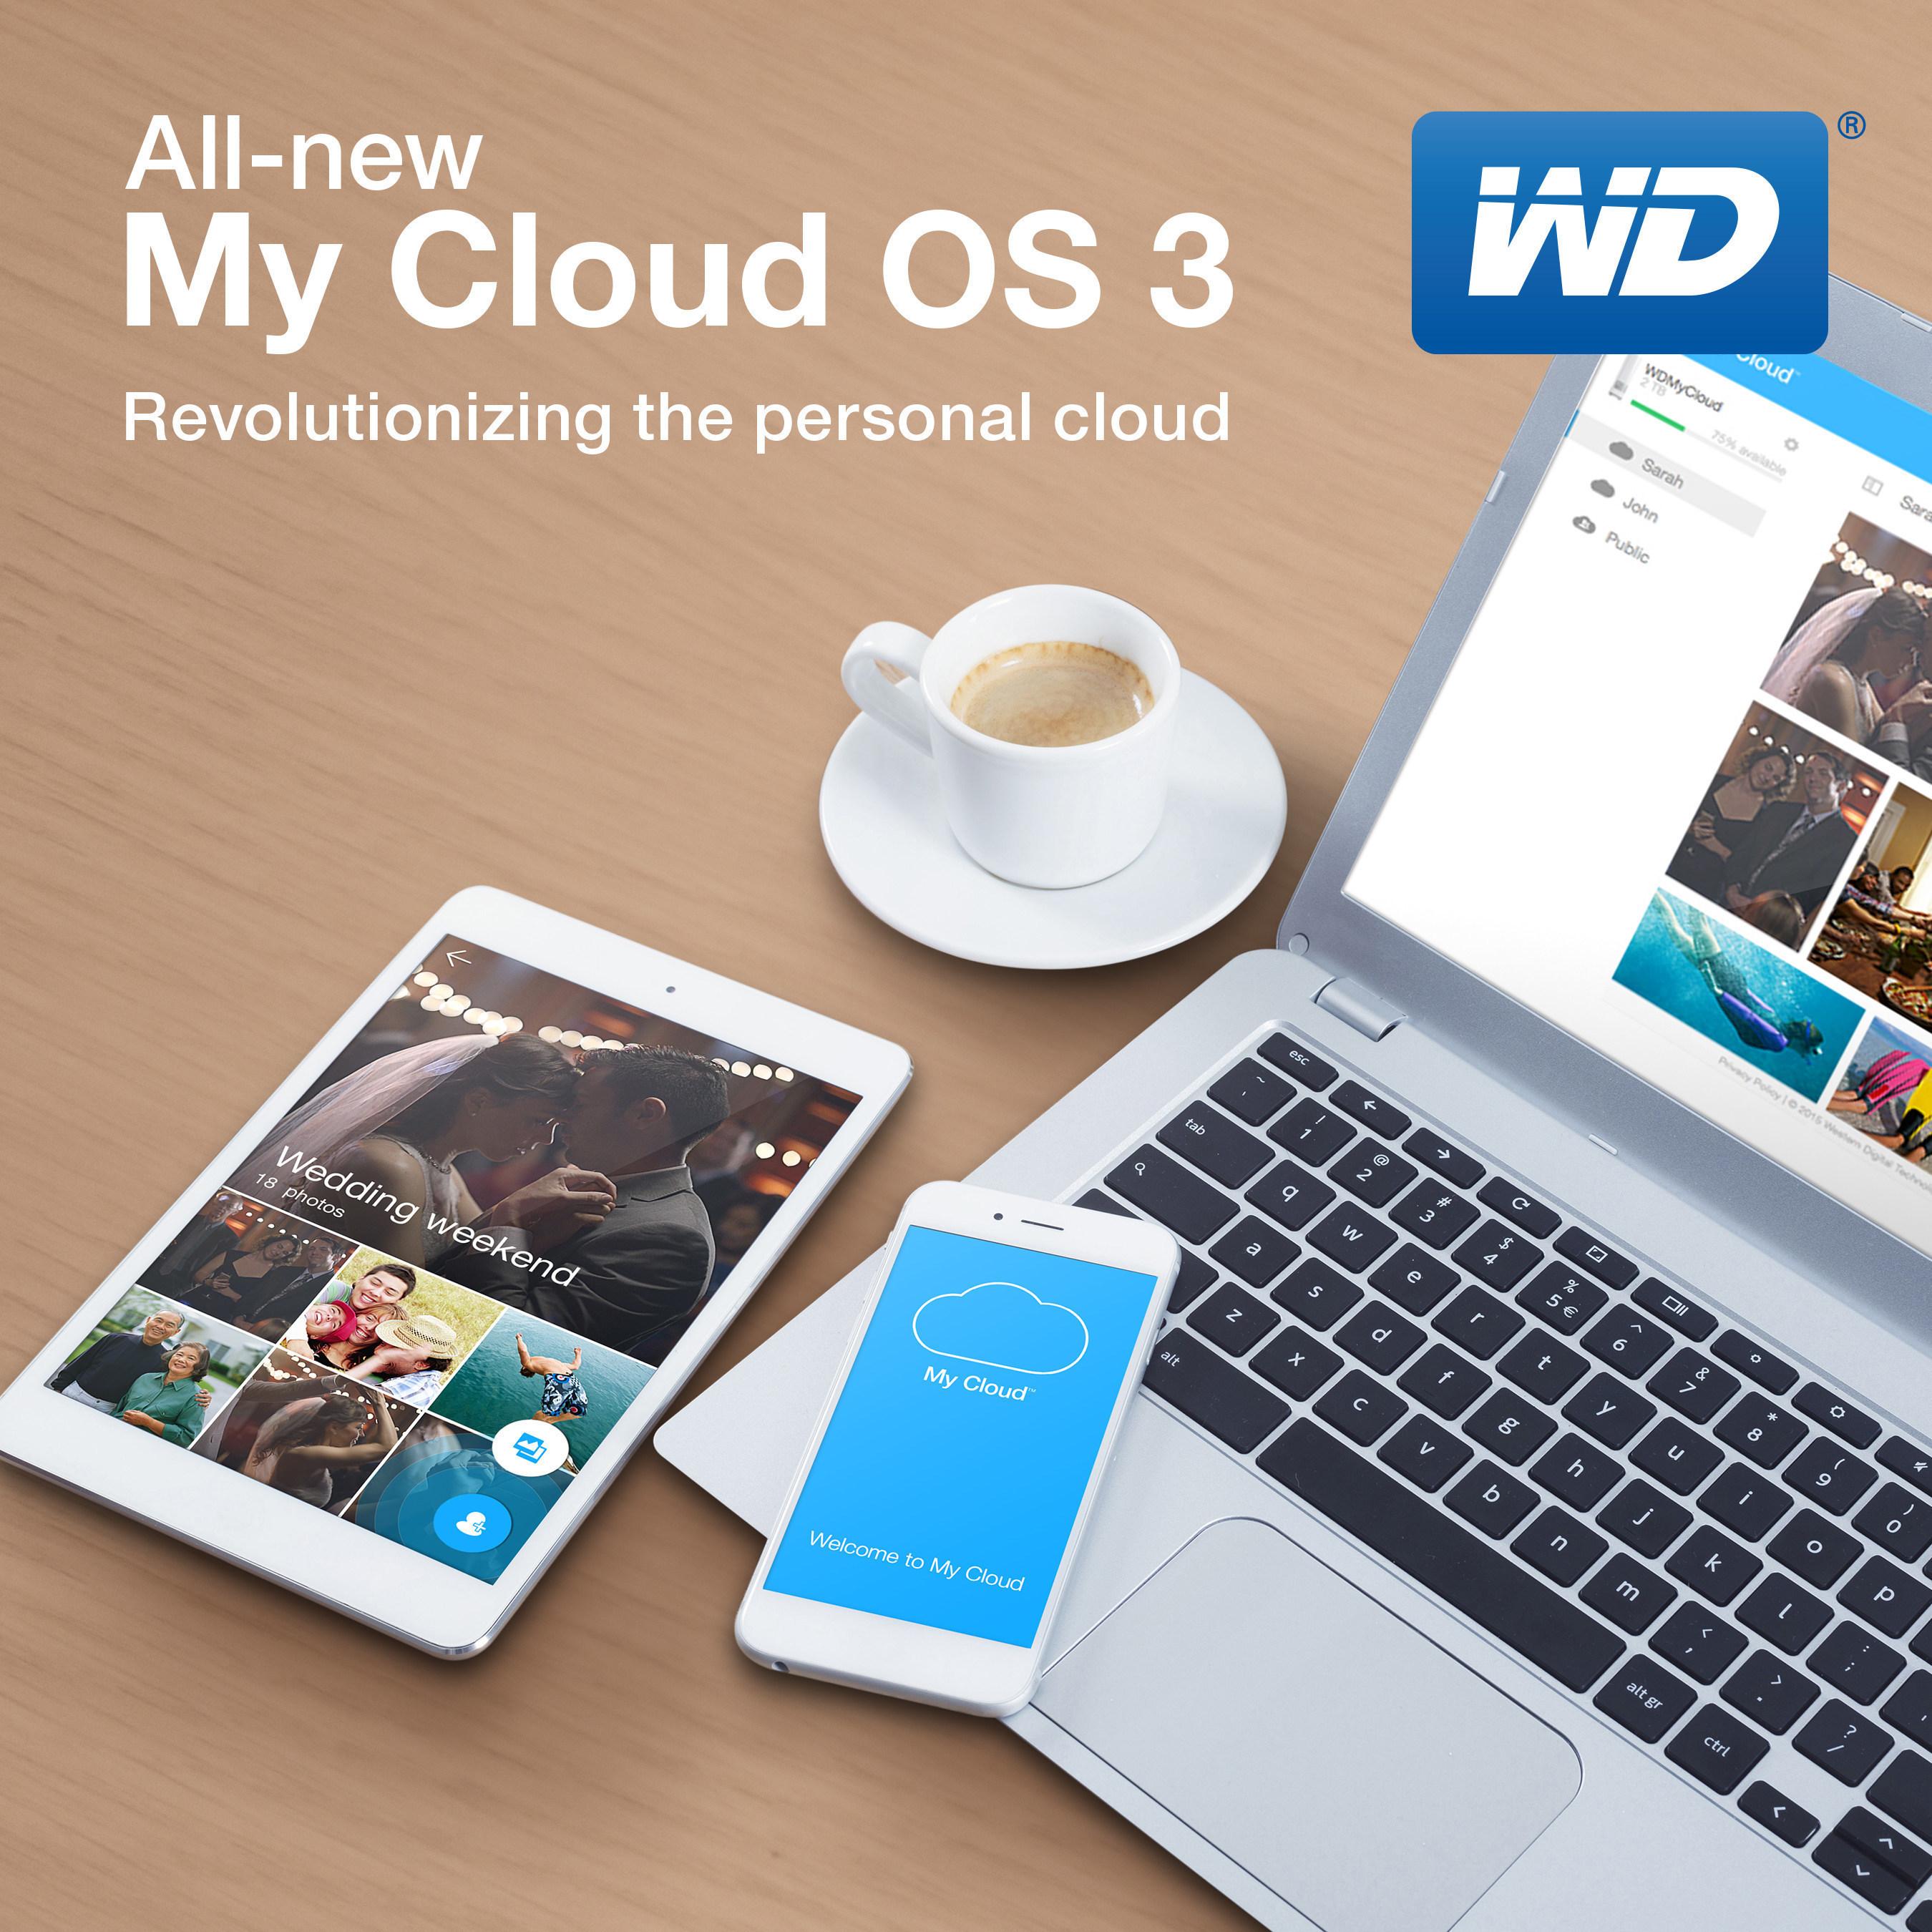 Cloudová Úložiště WD Jsou Nyní Ještě Více Osobní (a Více Soukromá)